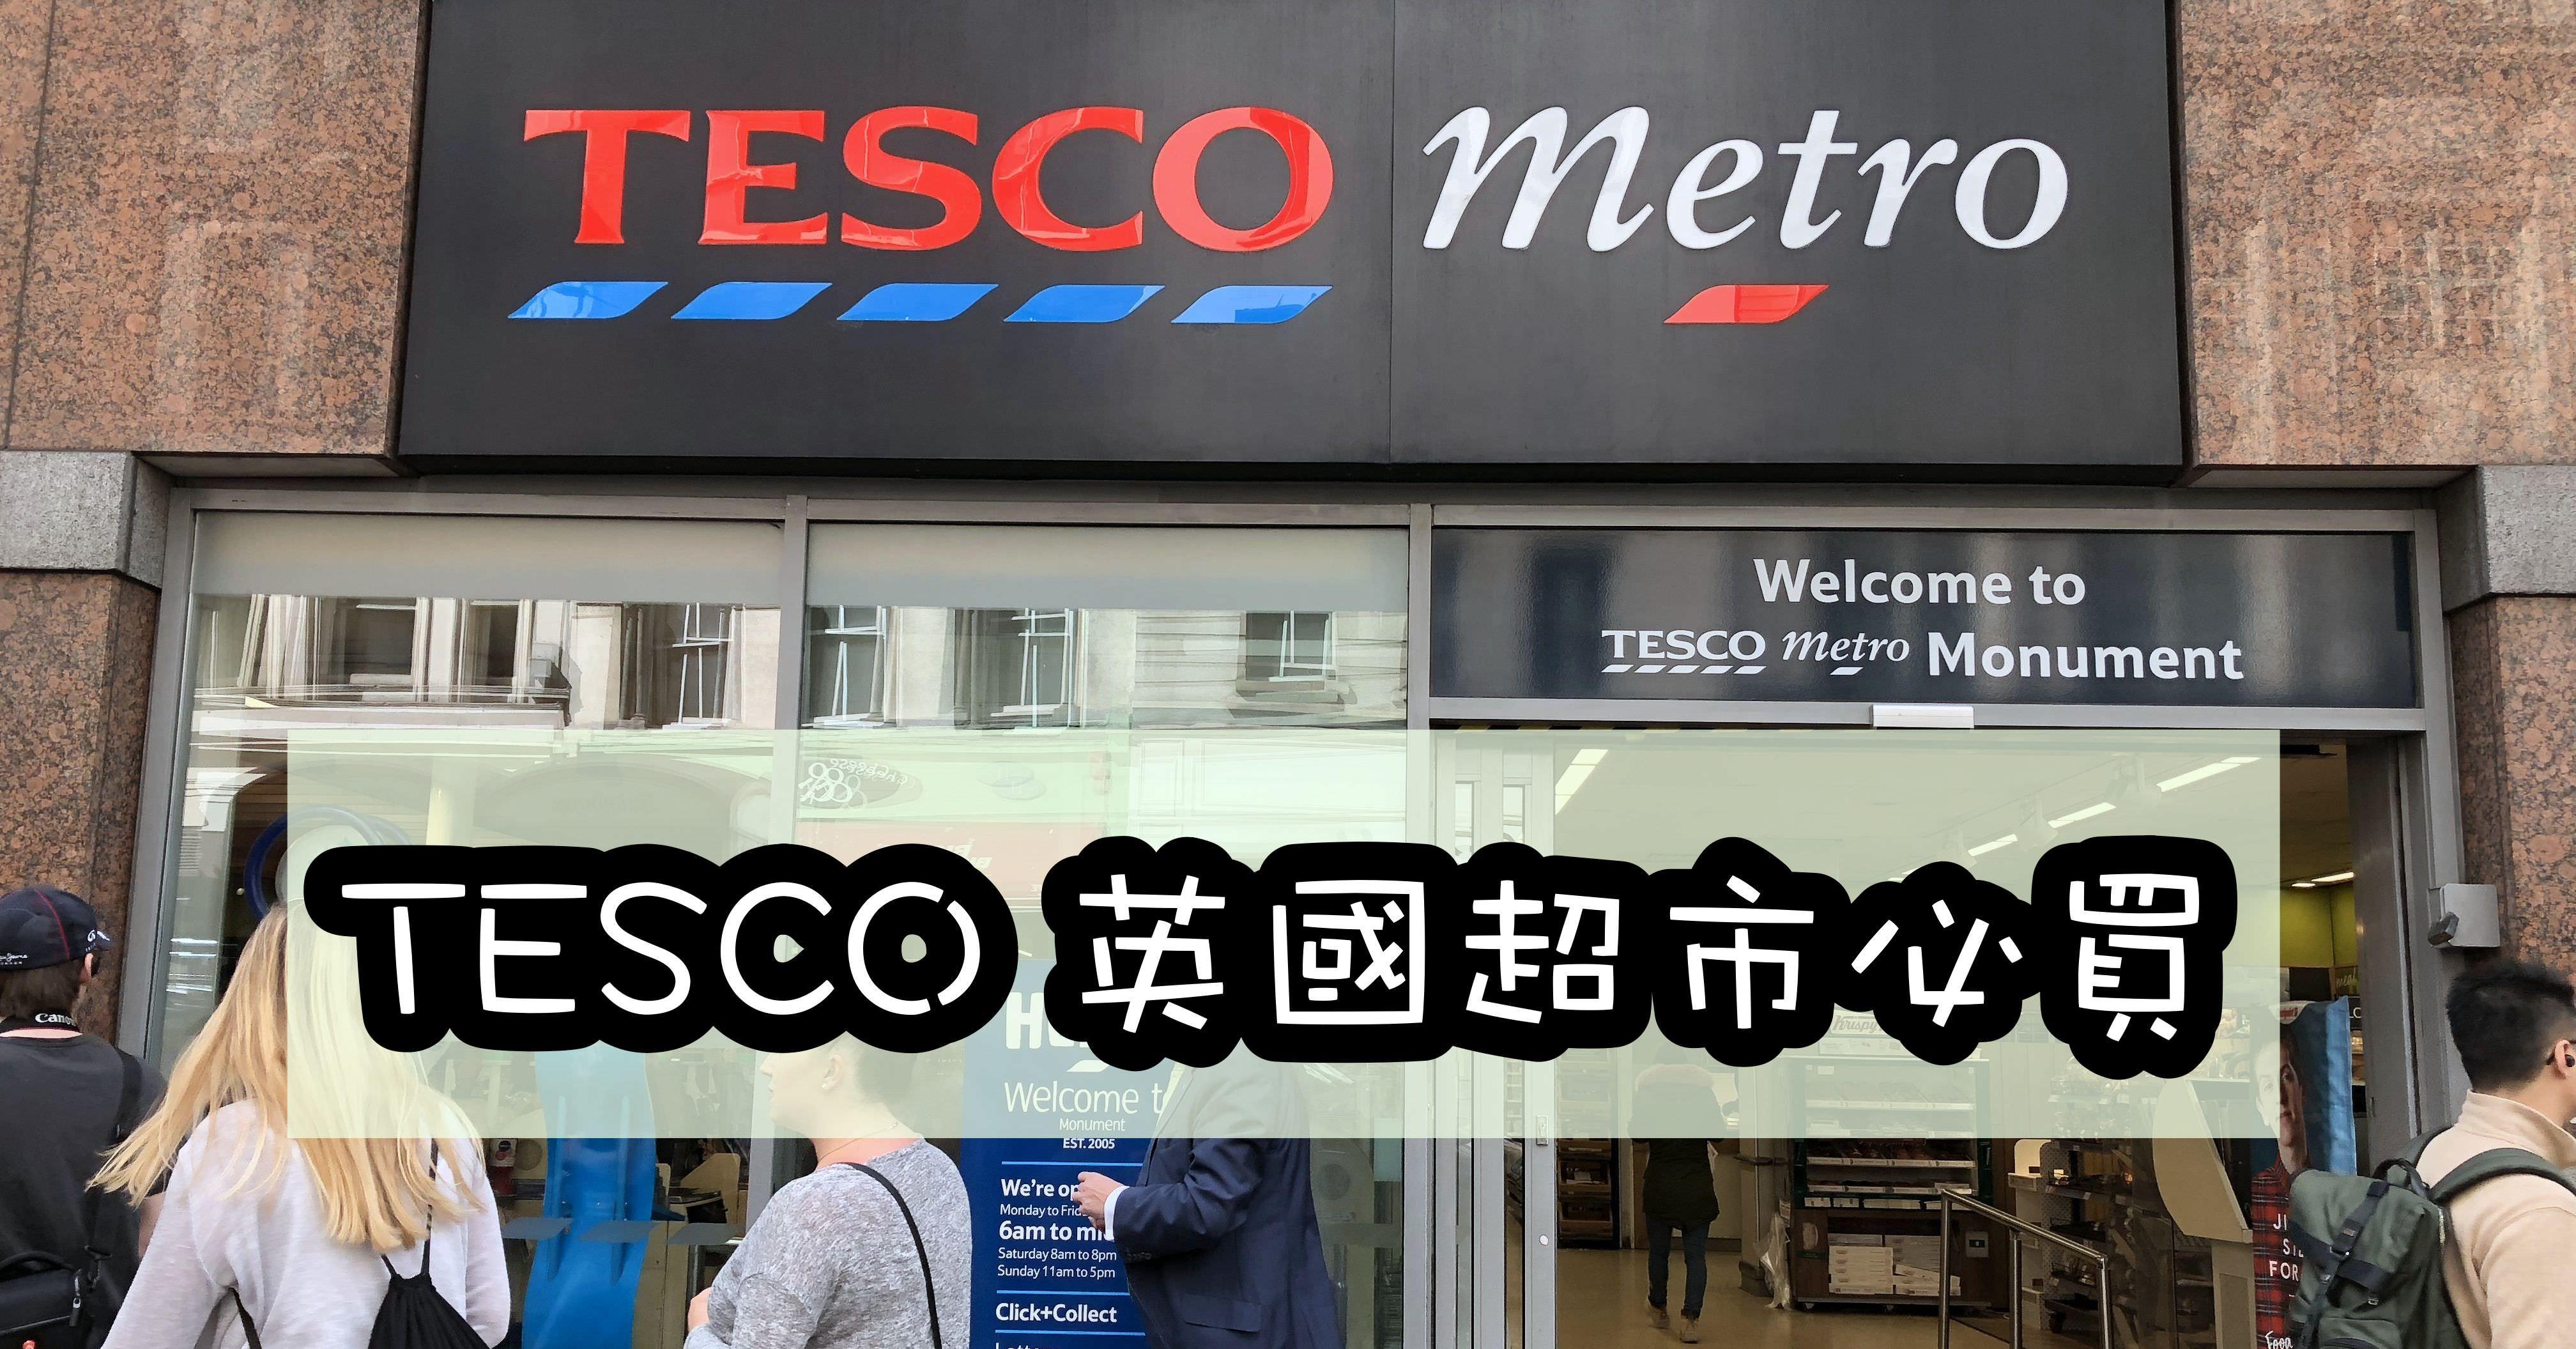 英國超市必買,TESCO,英國超市必買零食,英國必買紀念品 @Nash,神之領域